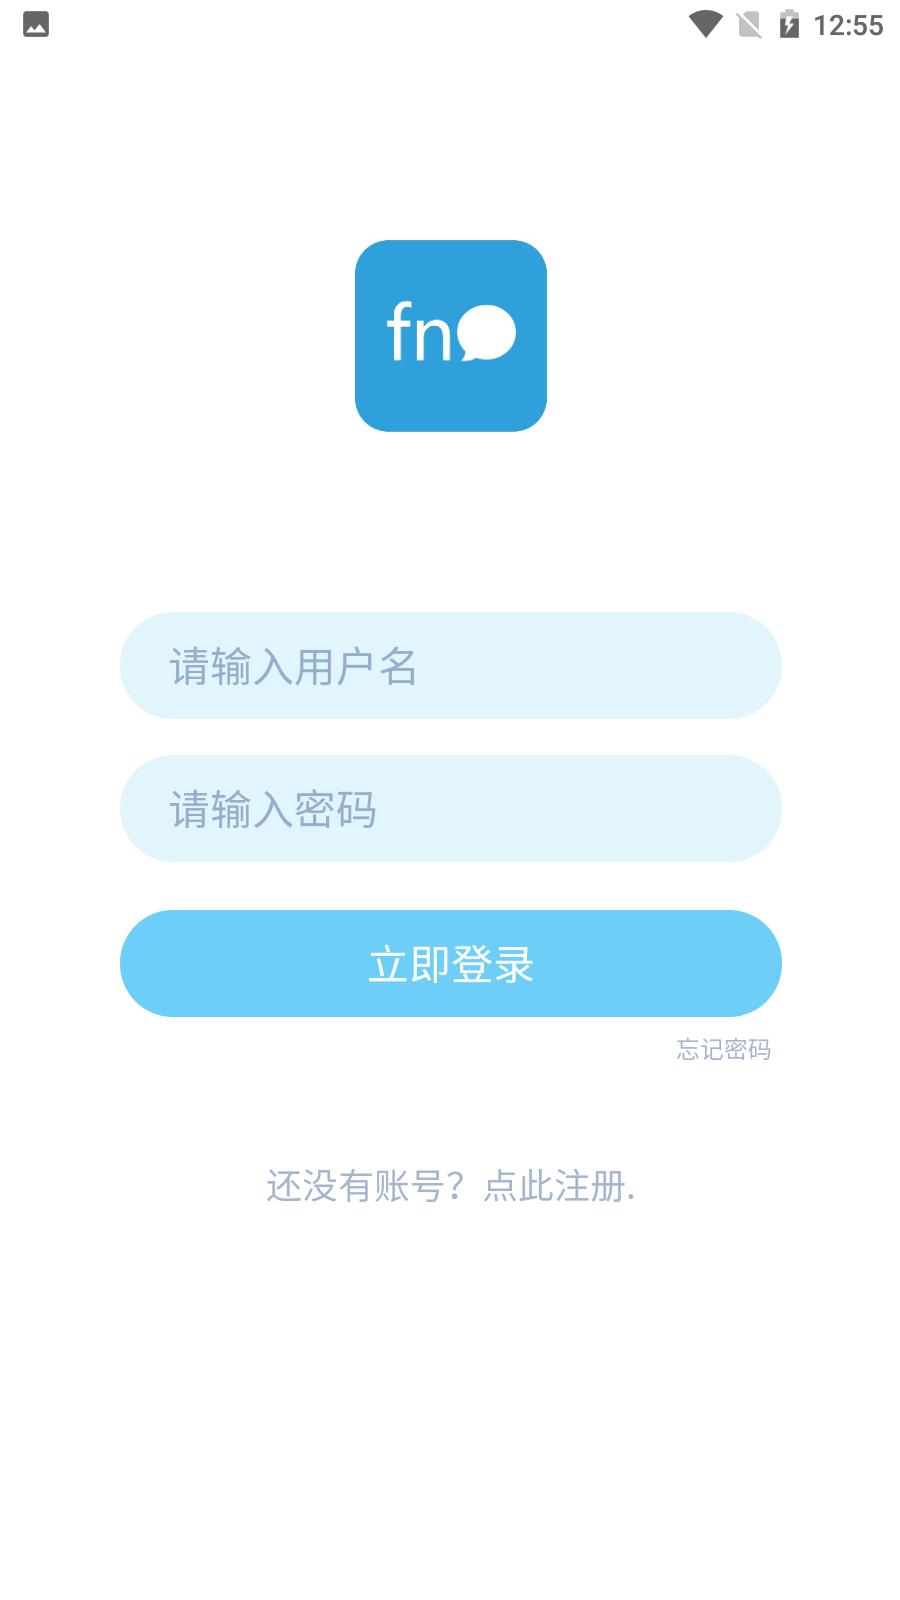 im 即时通讯 APP 软件开发(开源聊天源码+全套仿微信三端私域部署)